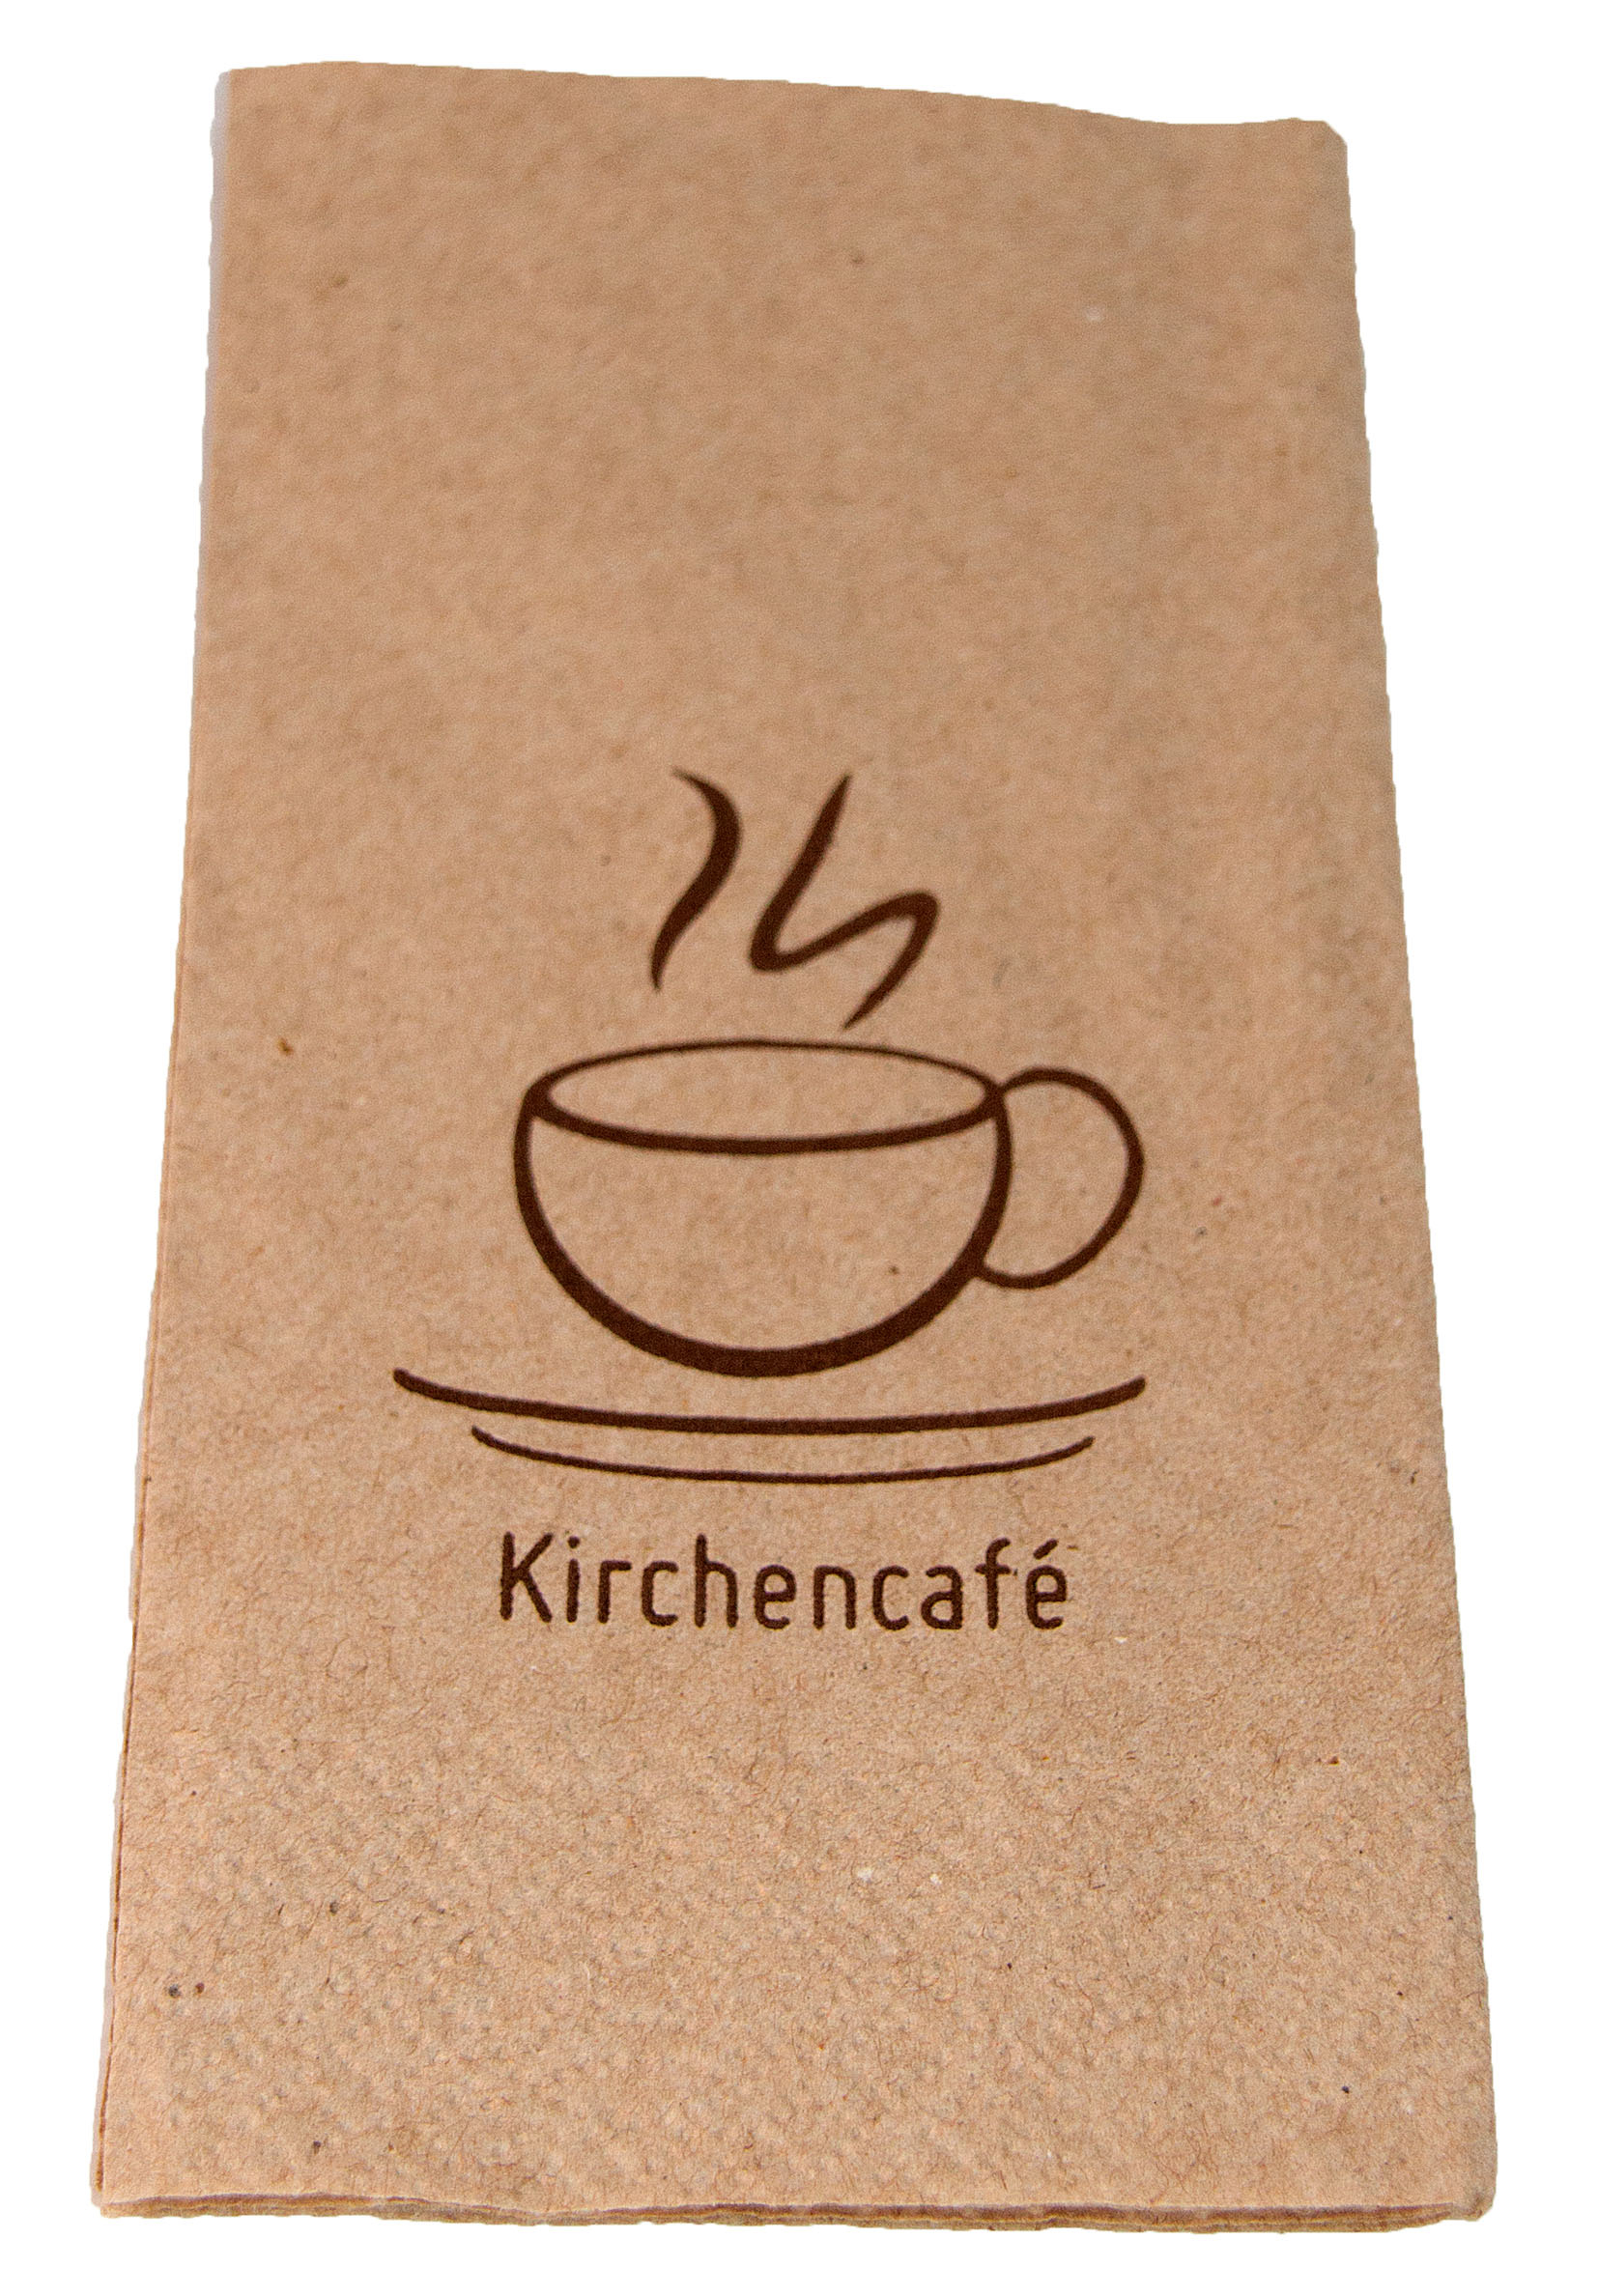 Bio-Servietten Kirchencafé